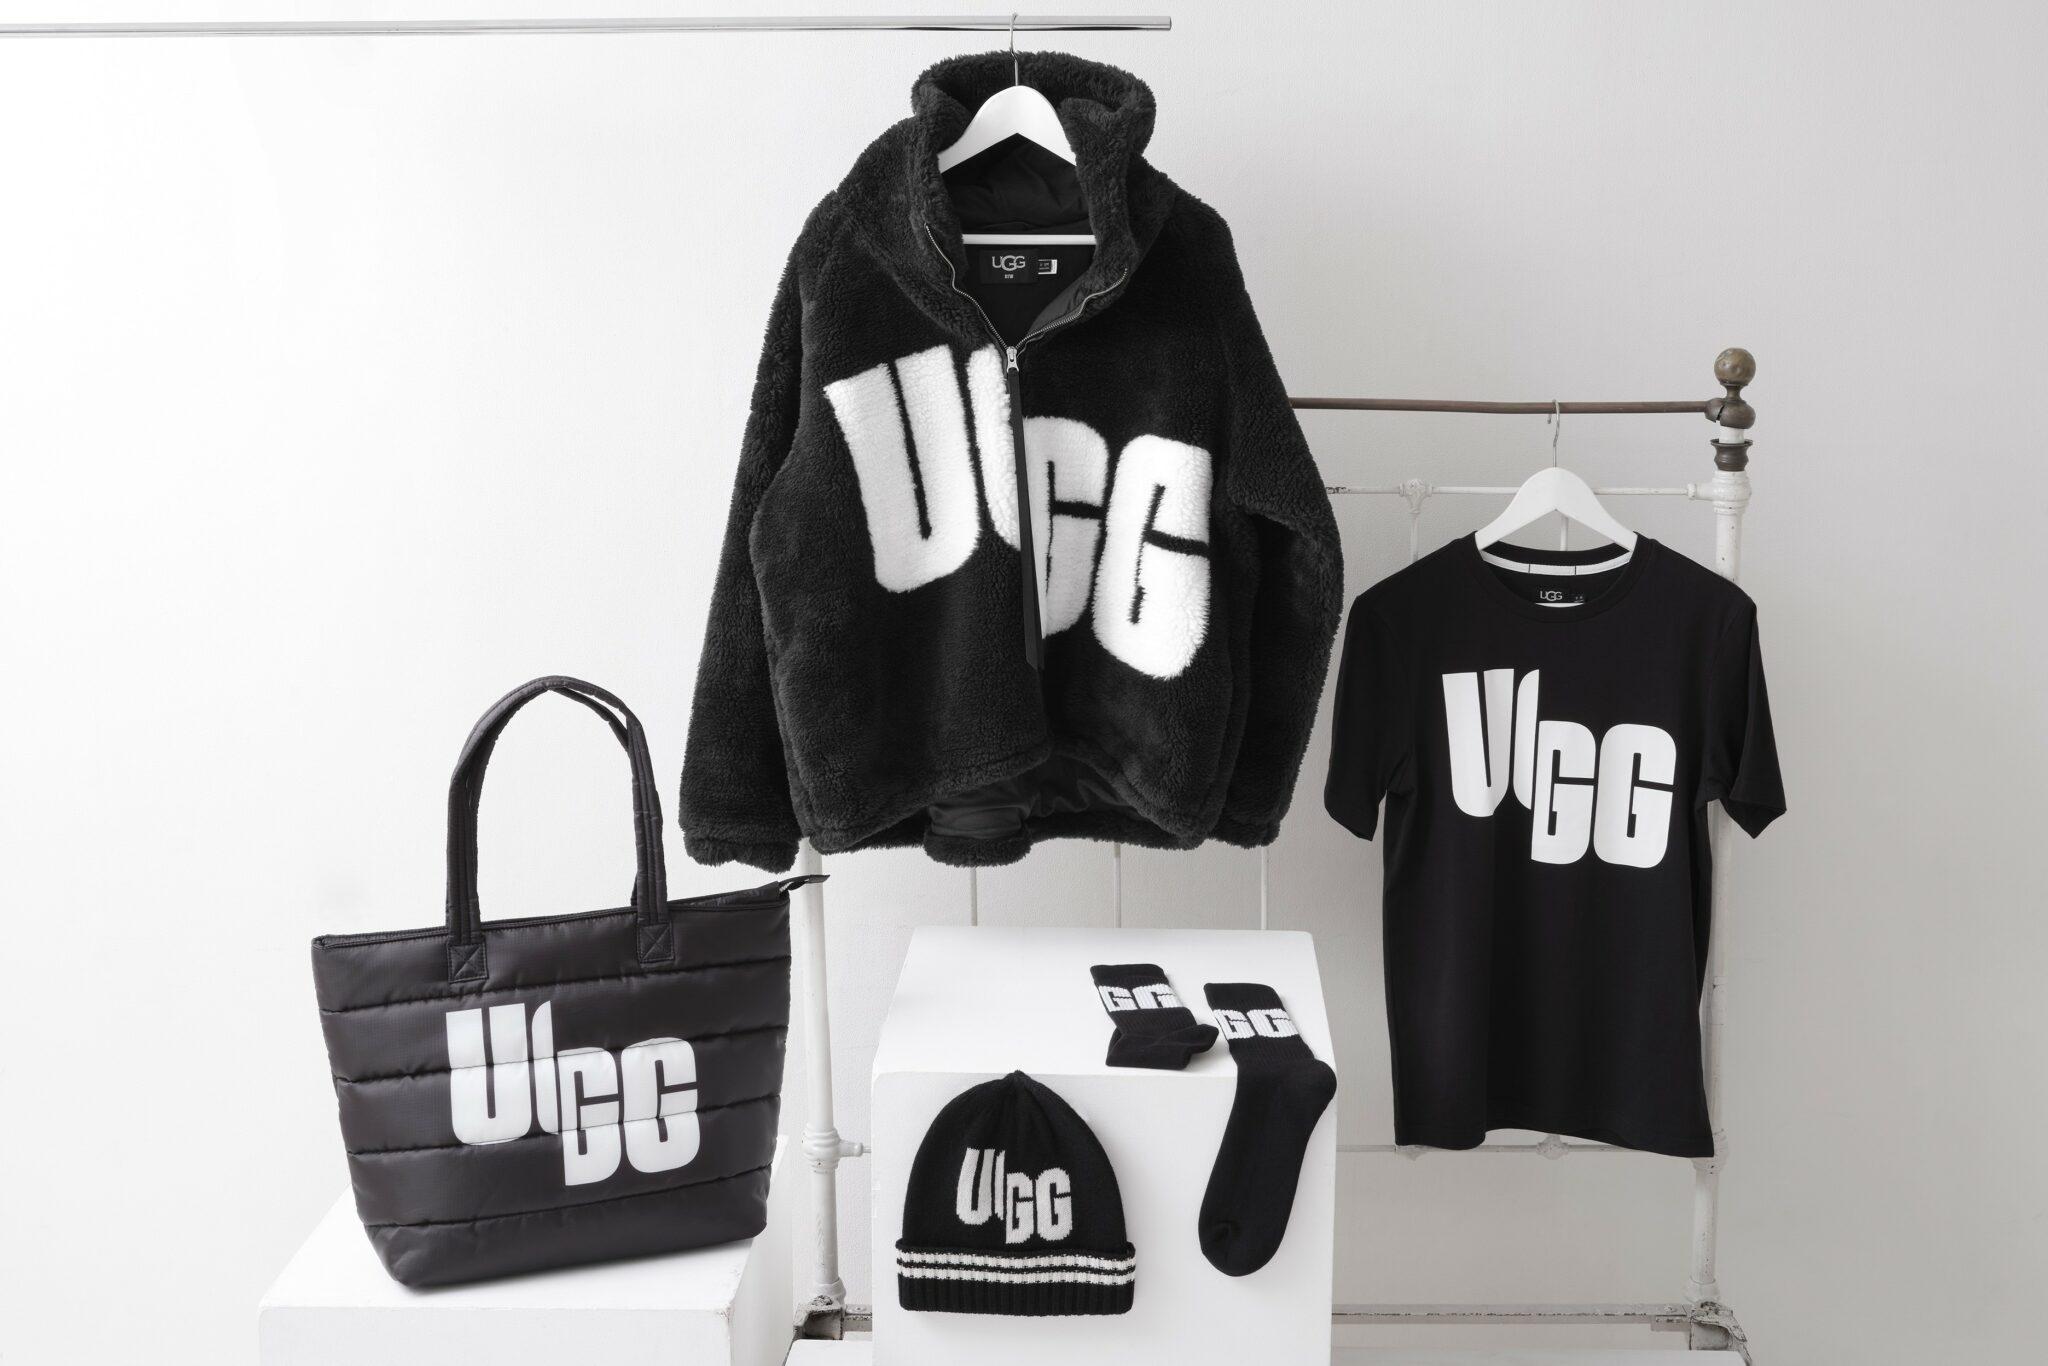 UGG®から、ブランドロゴを大胆に切り崩したChopdコレクション